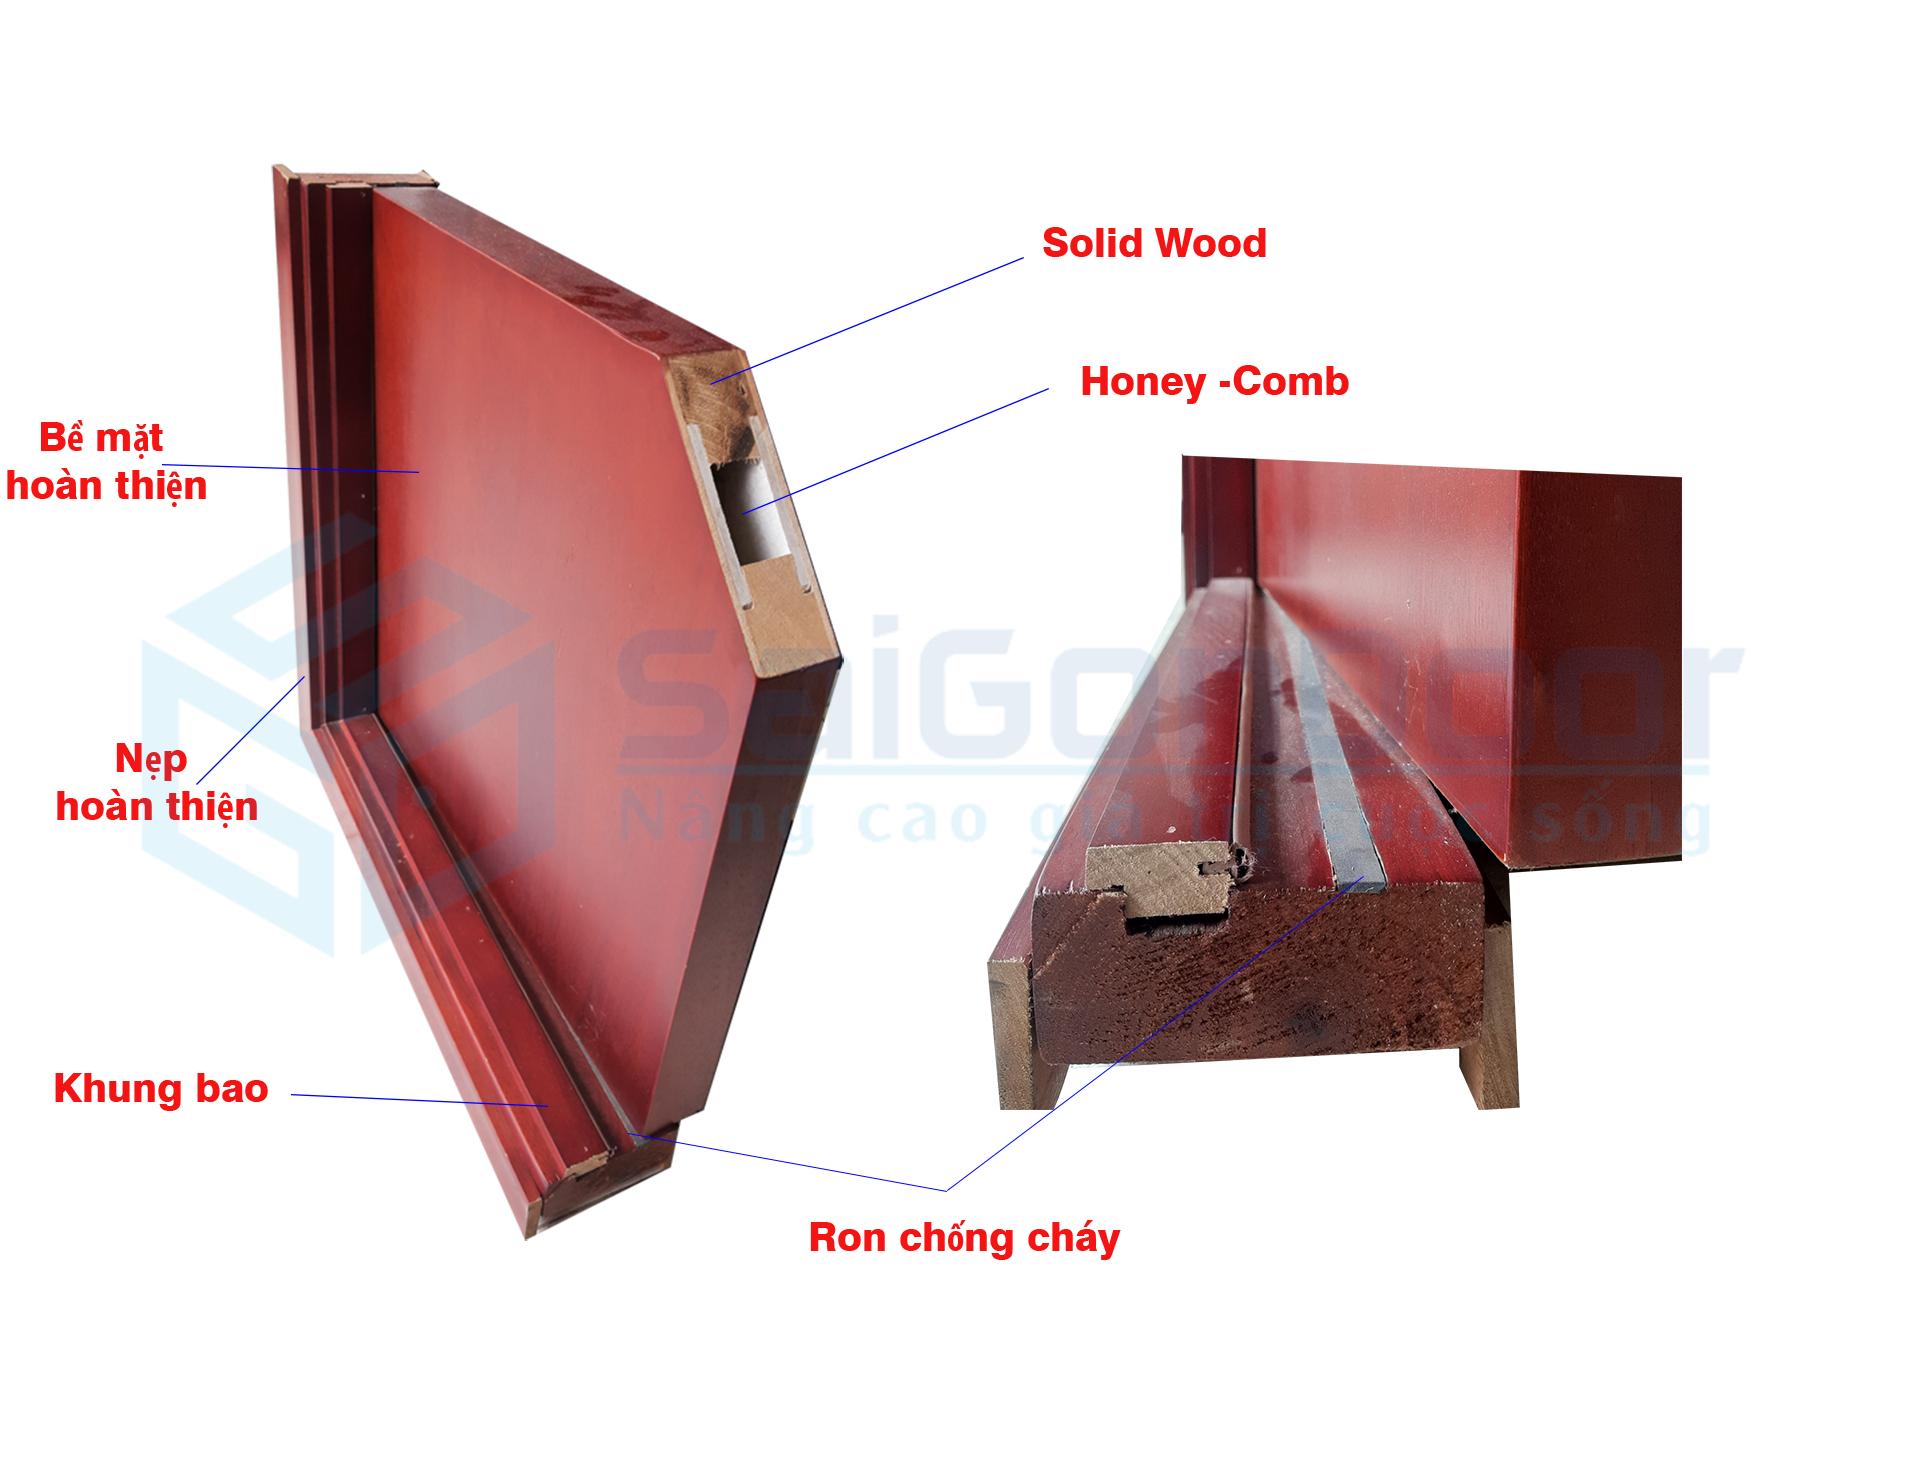 Mặt cắt lớp cấu tạo cửa gỗ chống cháy của Cửa Gỗ Sài Gòn